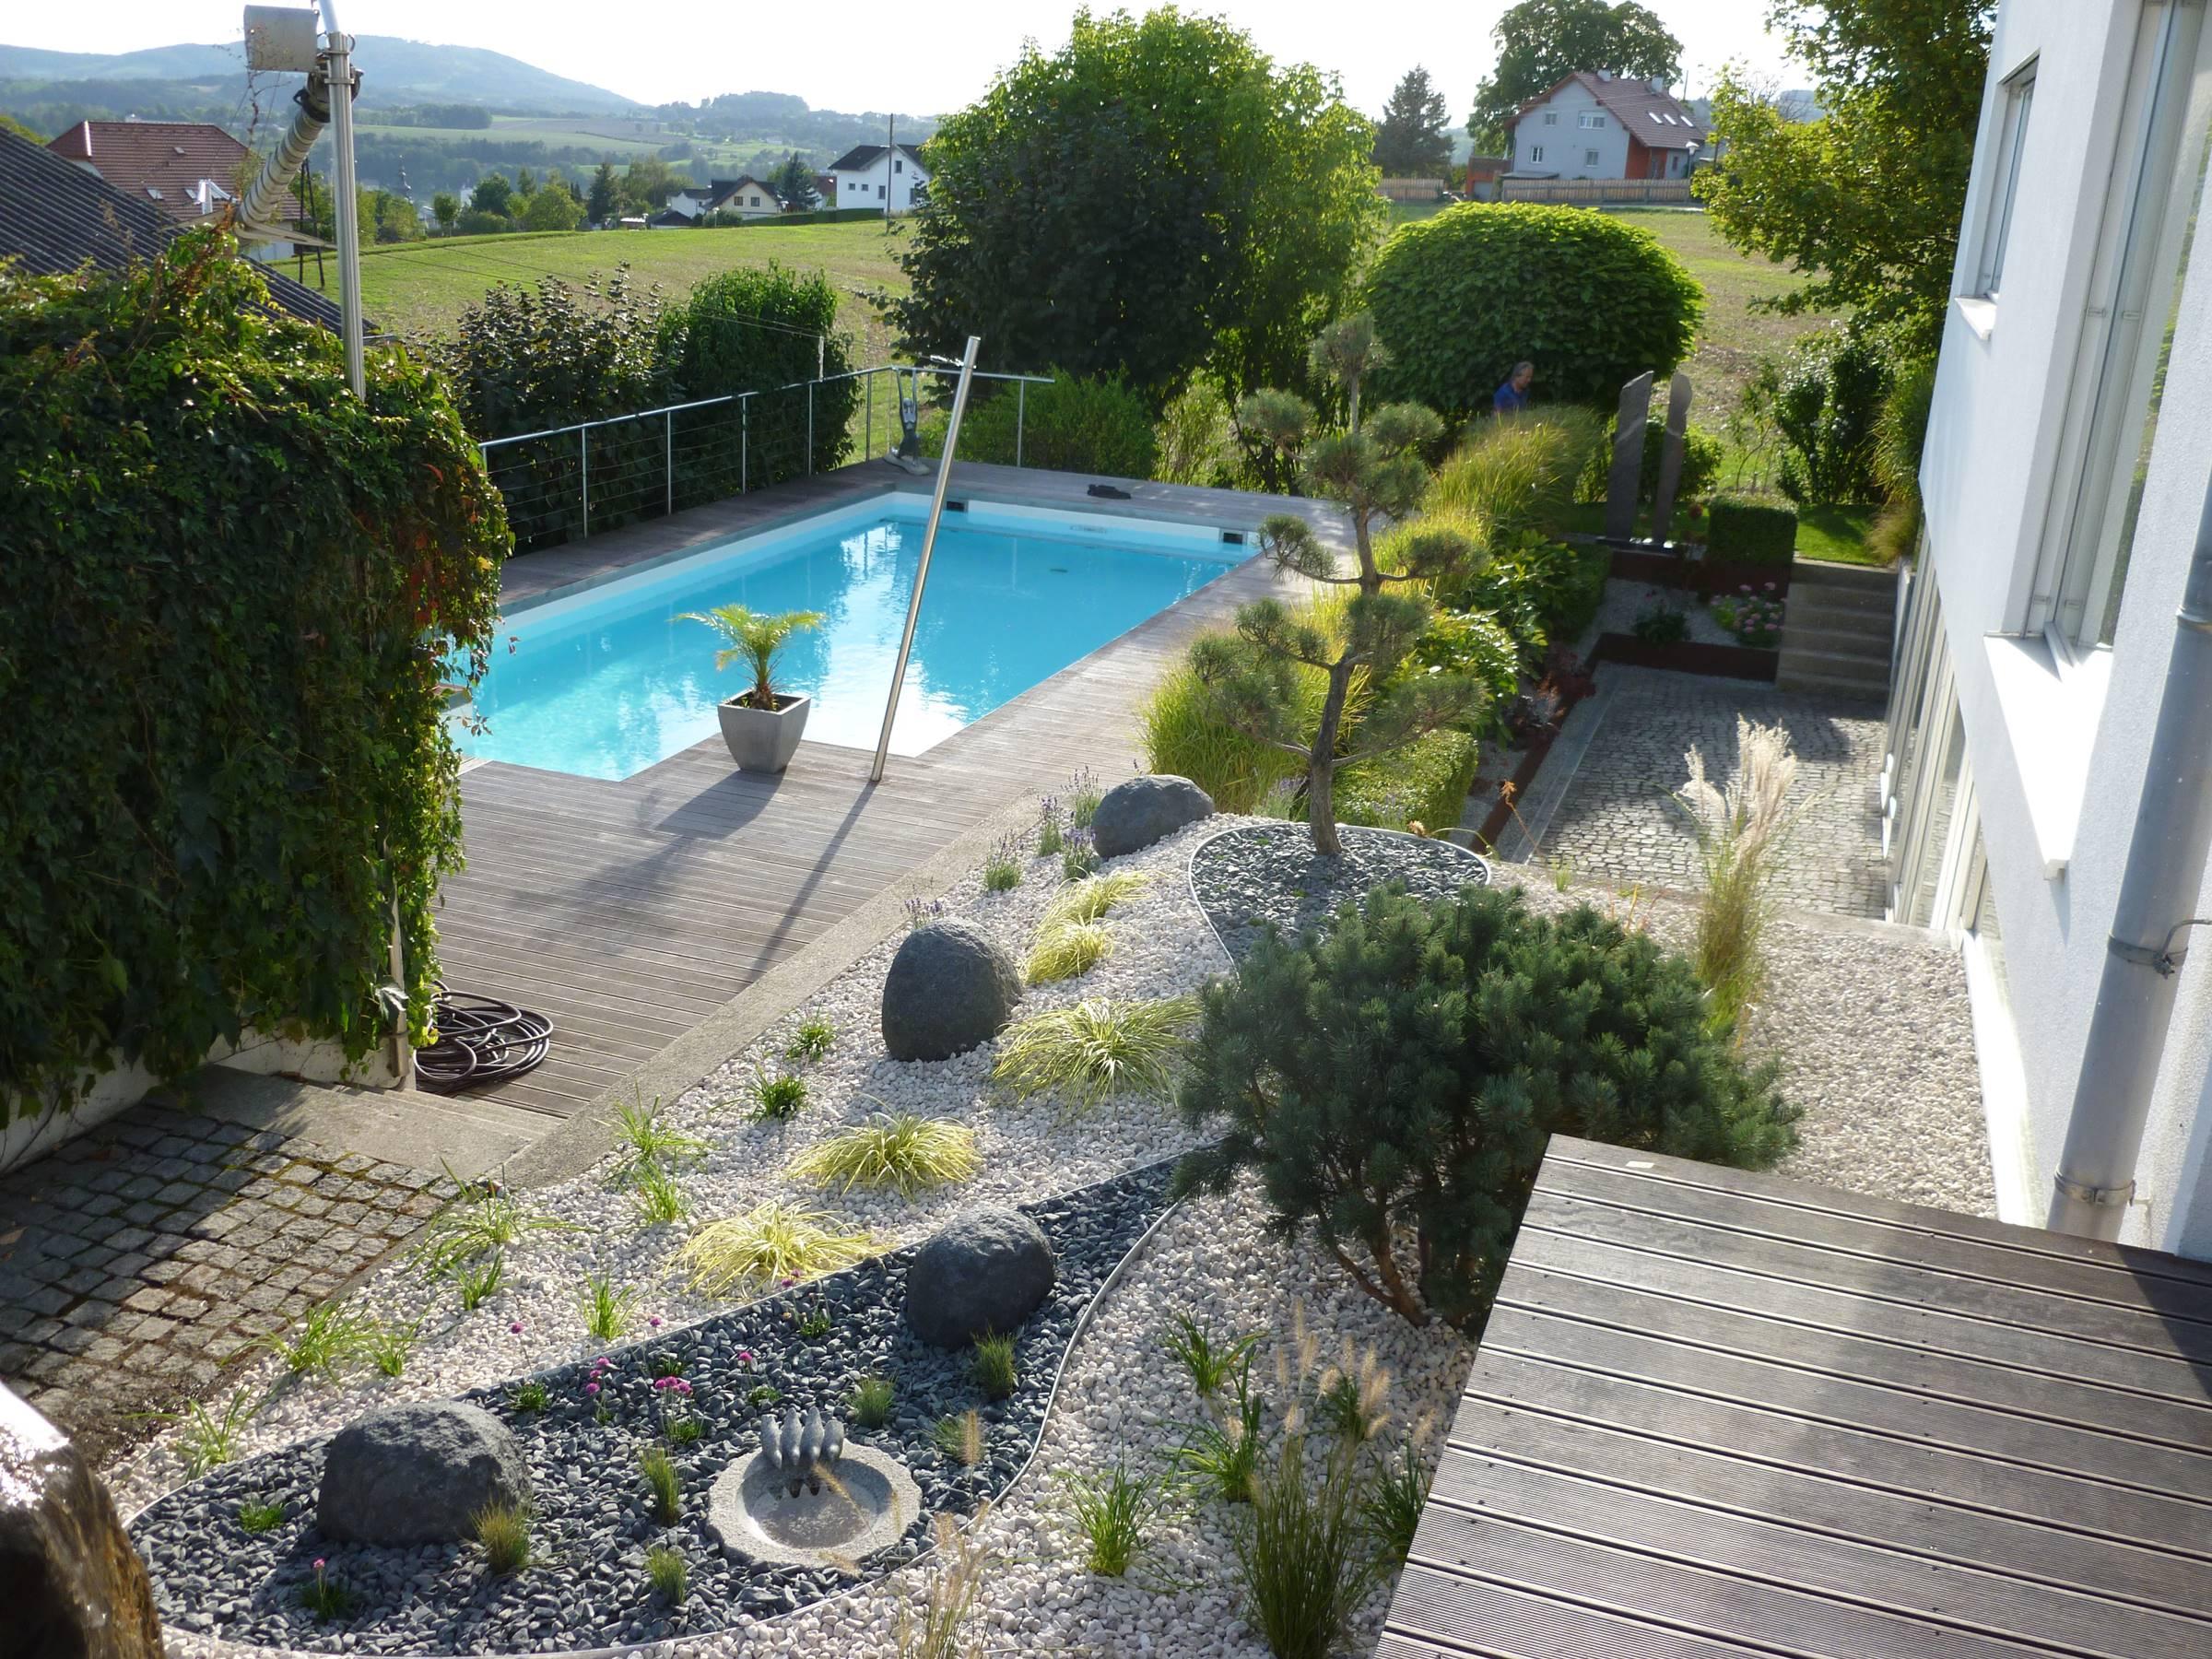 Gartengestaltung oberhuber ihr g rtner in linz o for Gartengestaltung landhaus